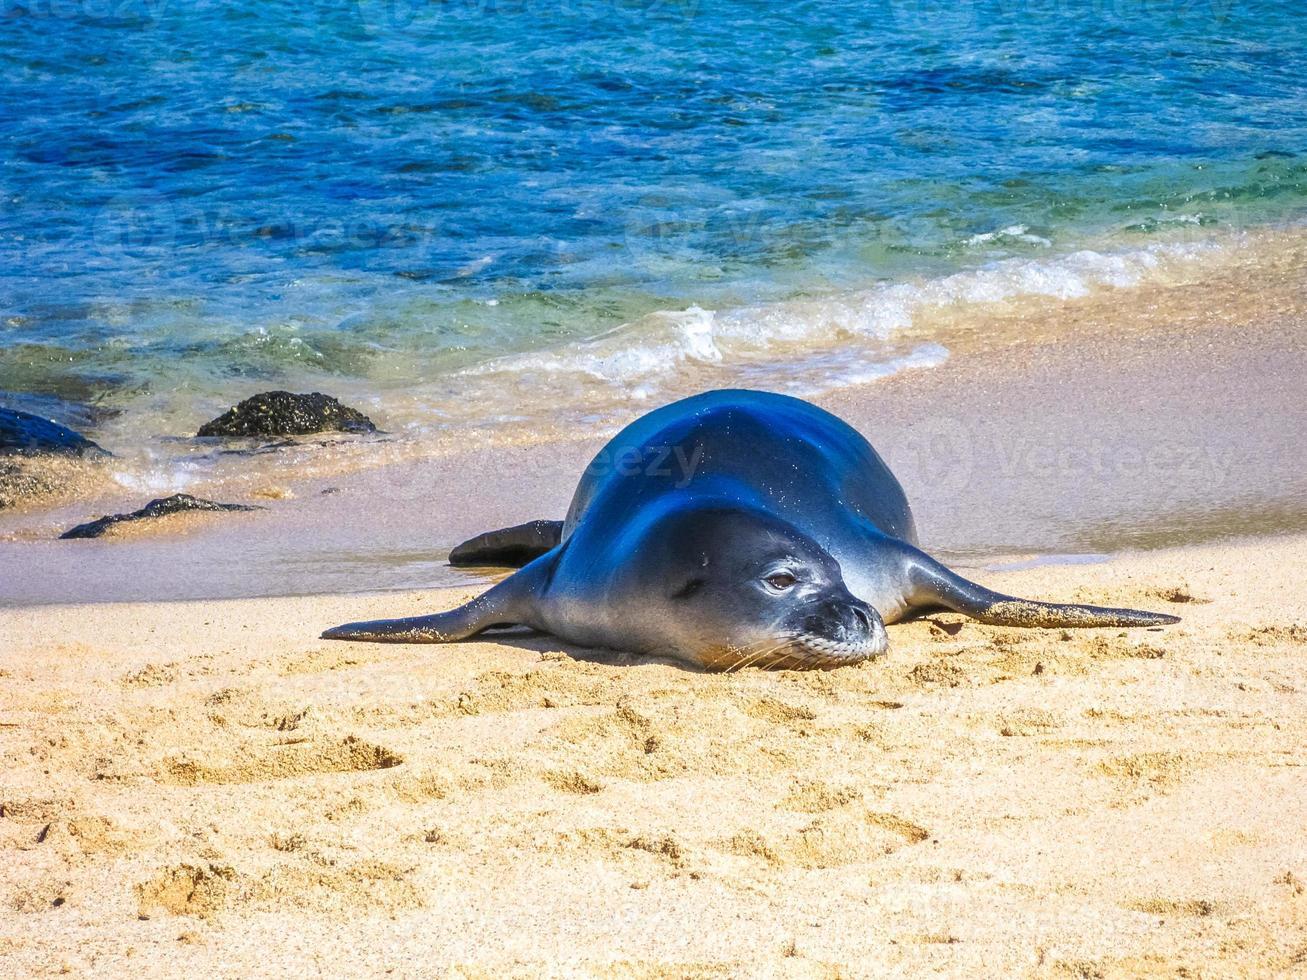 phoque sur la plage photo